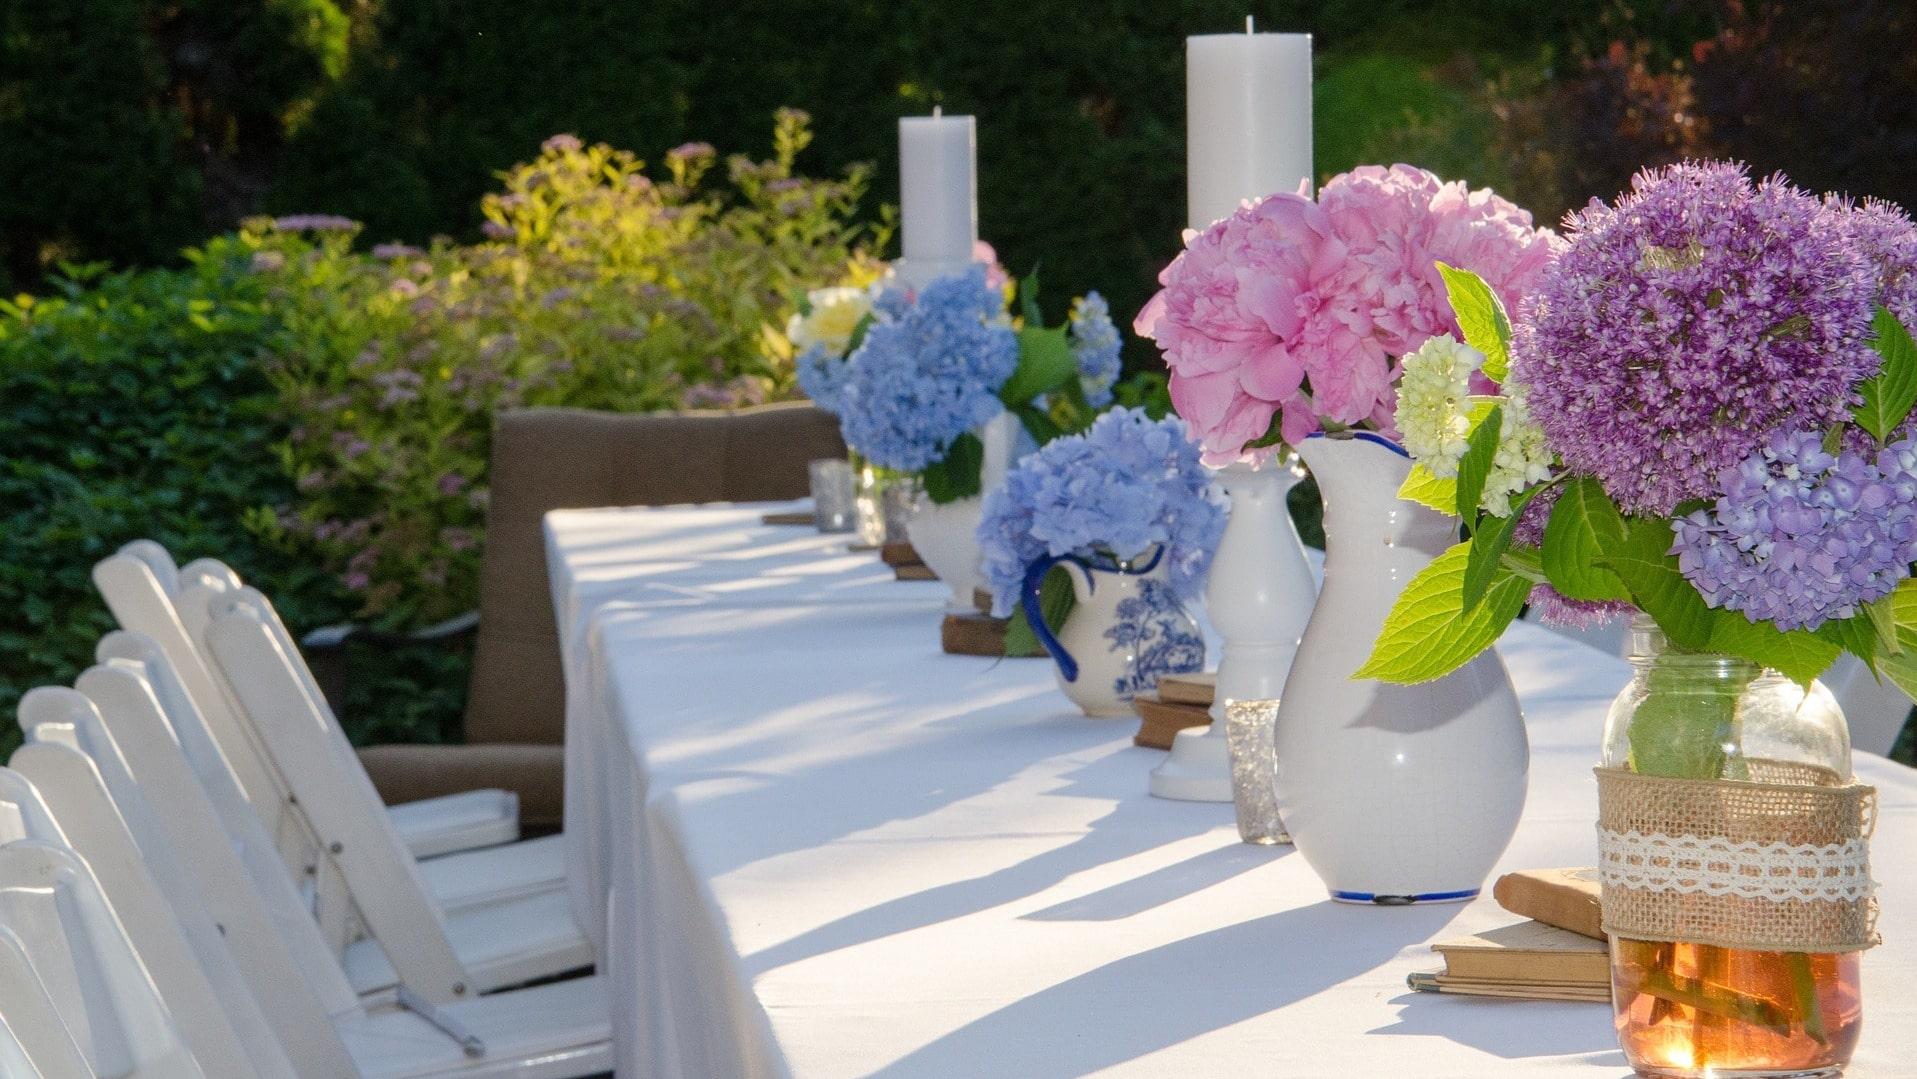 Bunte Blumen auf einem Gartentisch